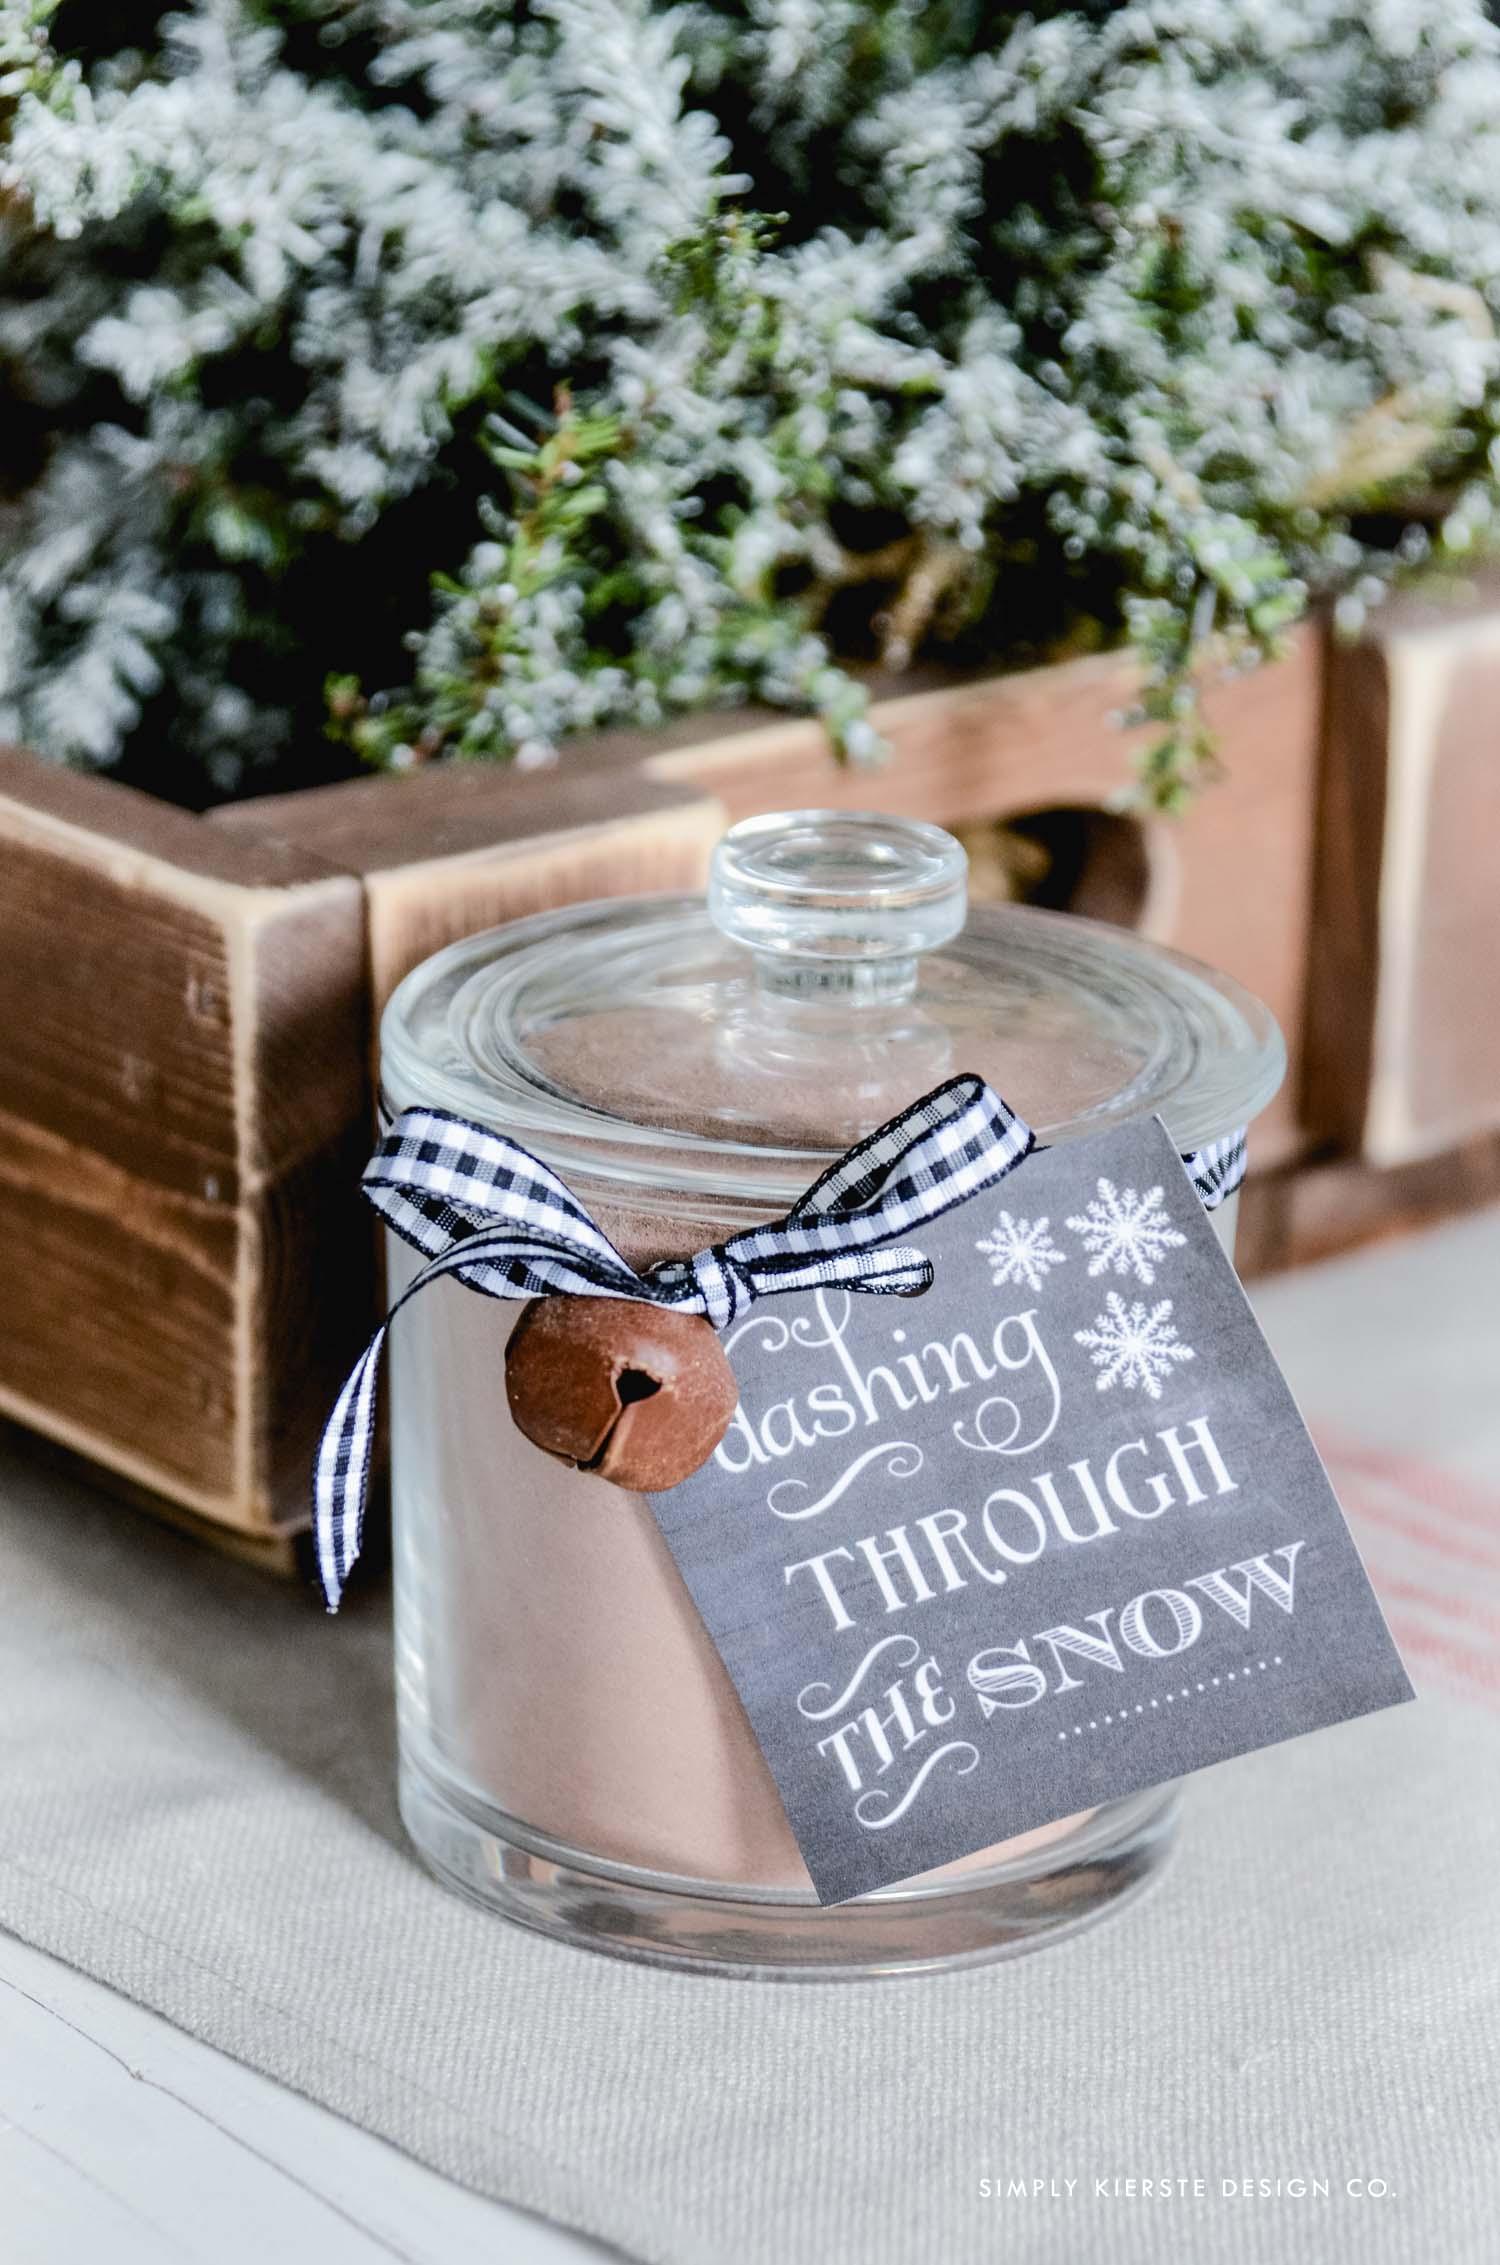 Affordable Gift Ideas | Hot Chocolate Gift Jar & Tag | oldsaltfarm.com